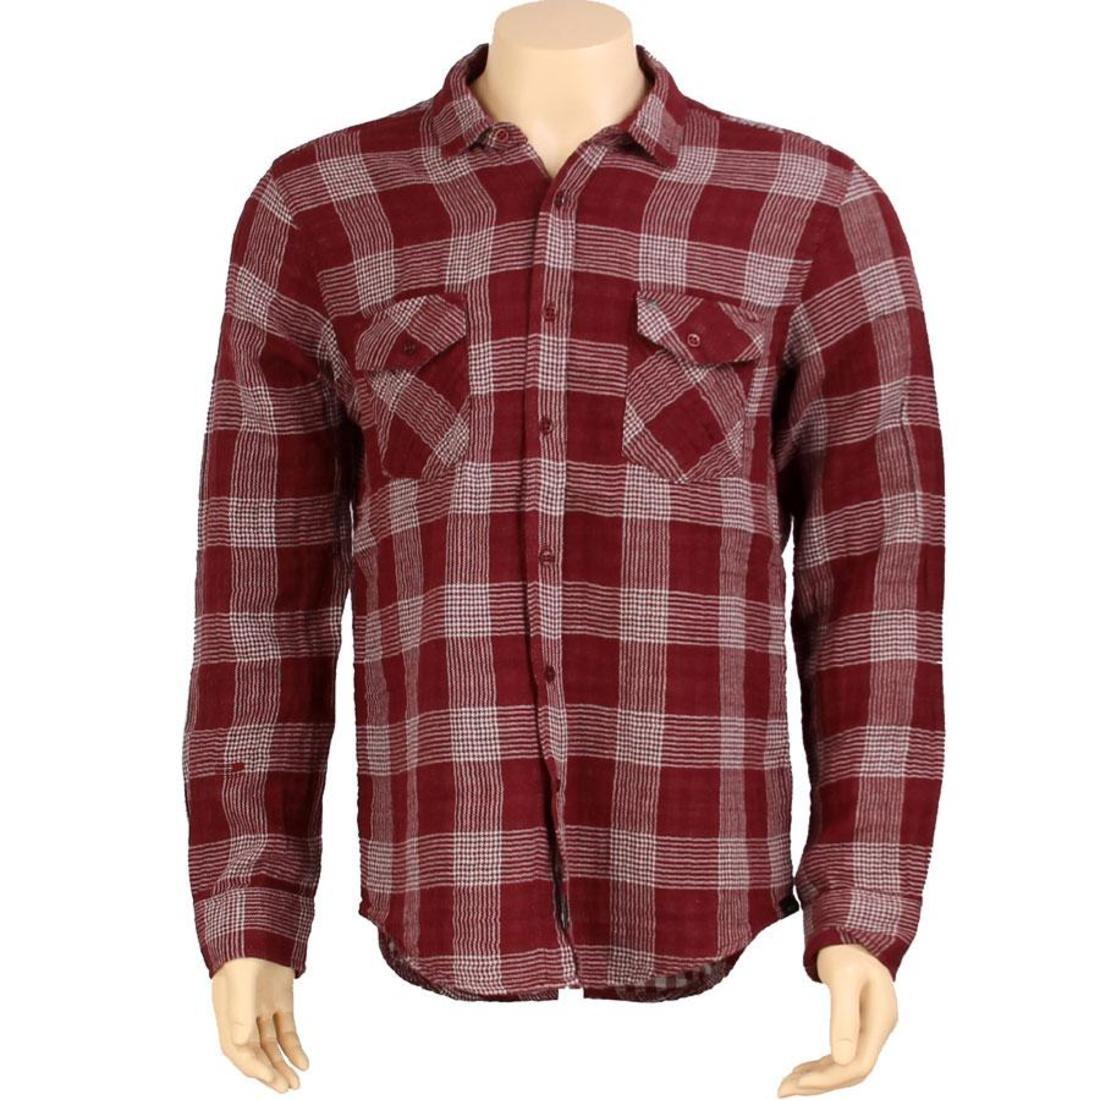 【海外限定】スリーブ カジュアルシャツ メンズファッション 【 SLEEVE KR3W HARDEE LONG SHIRT BURGUNDY 】